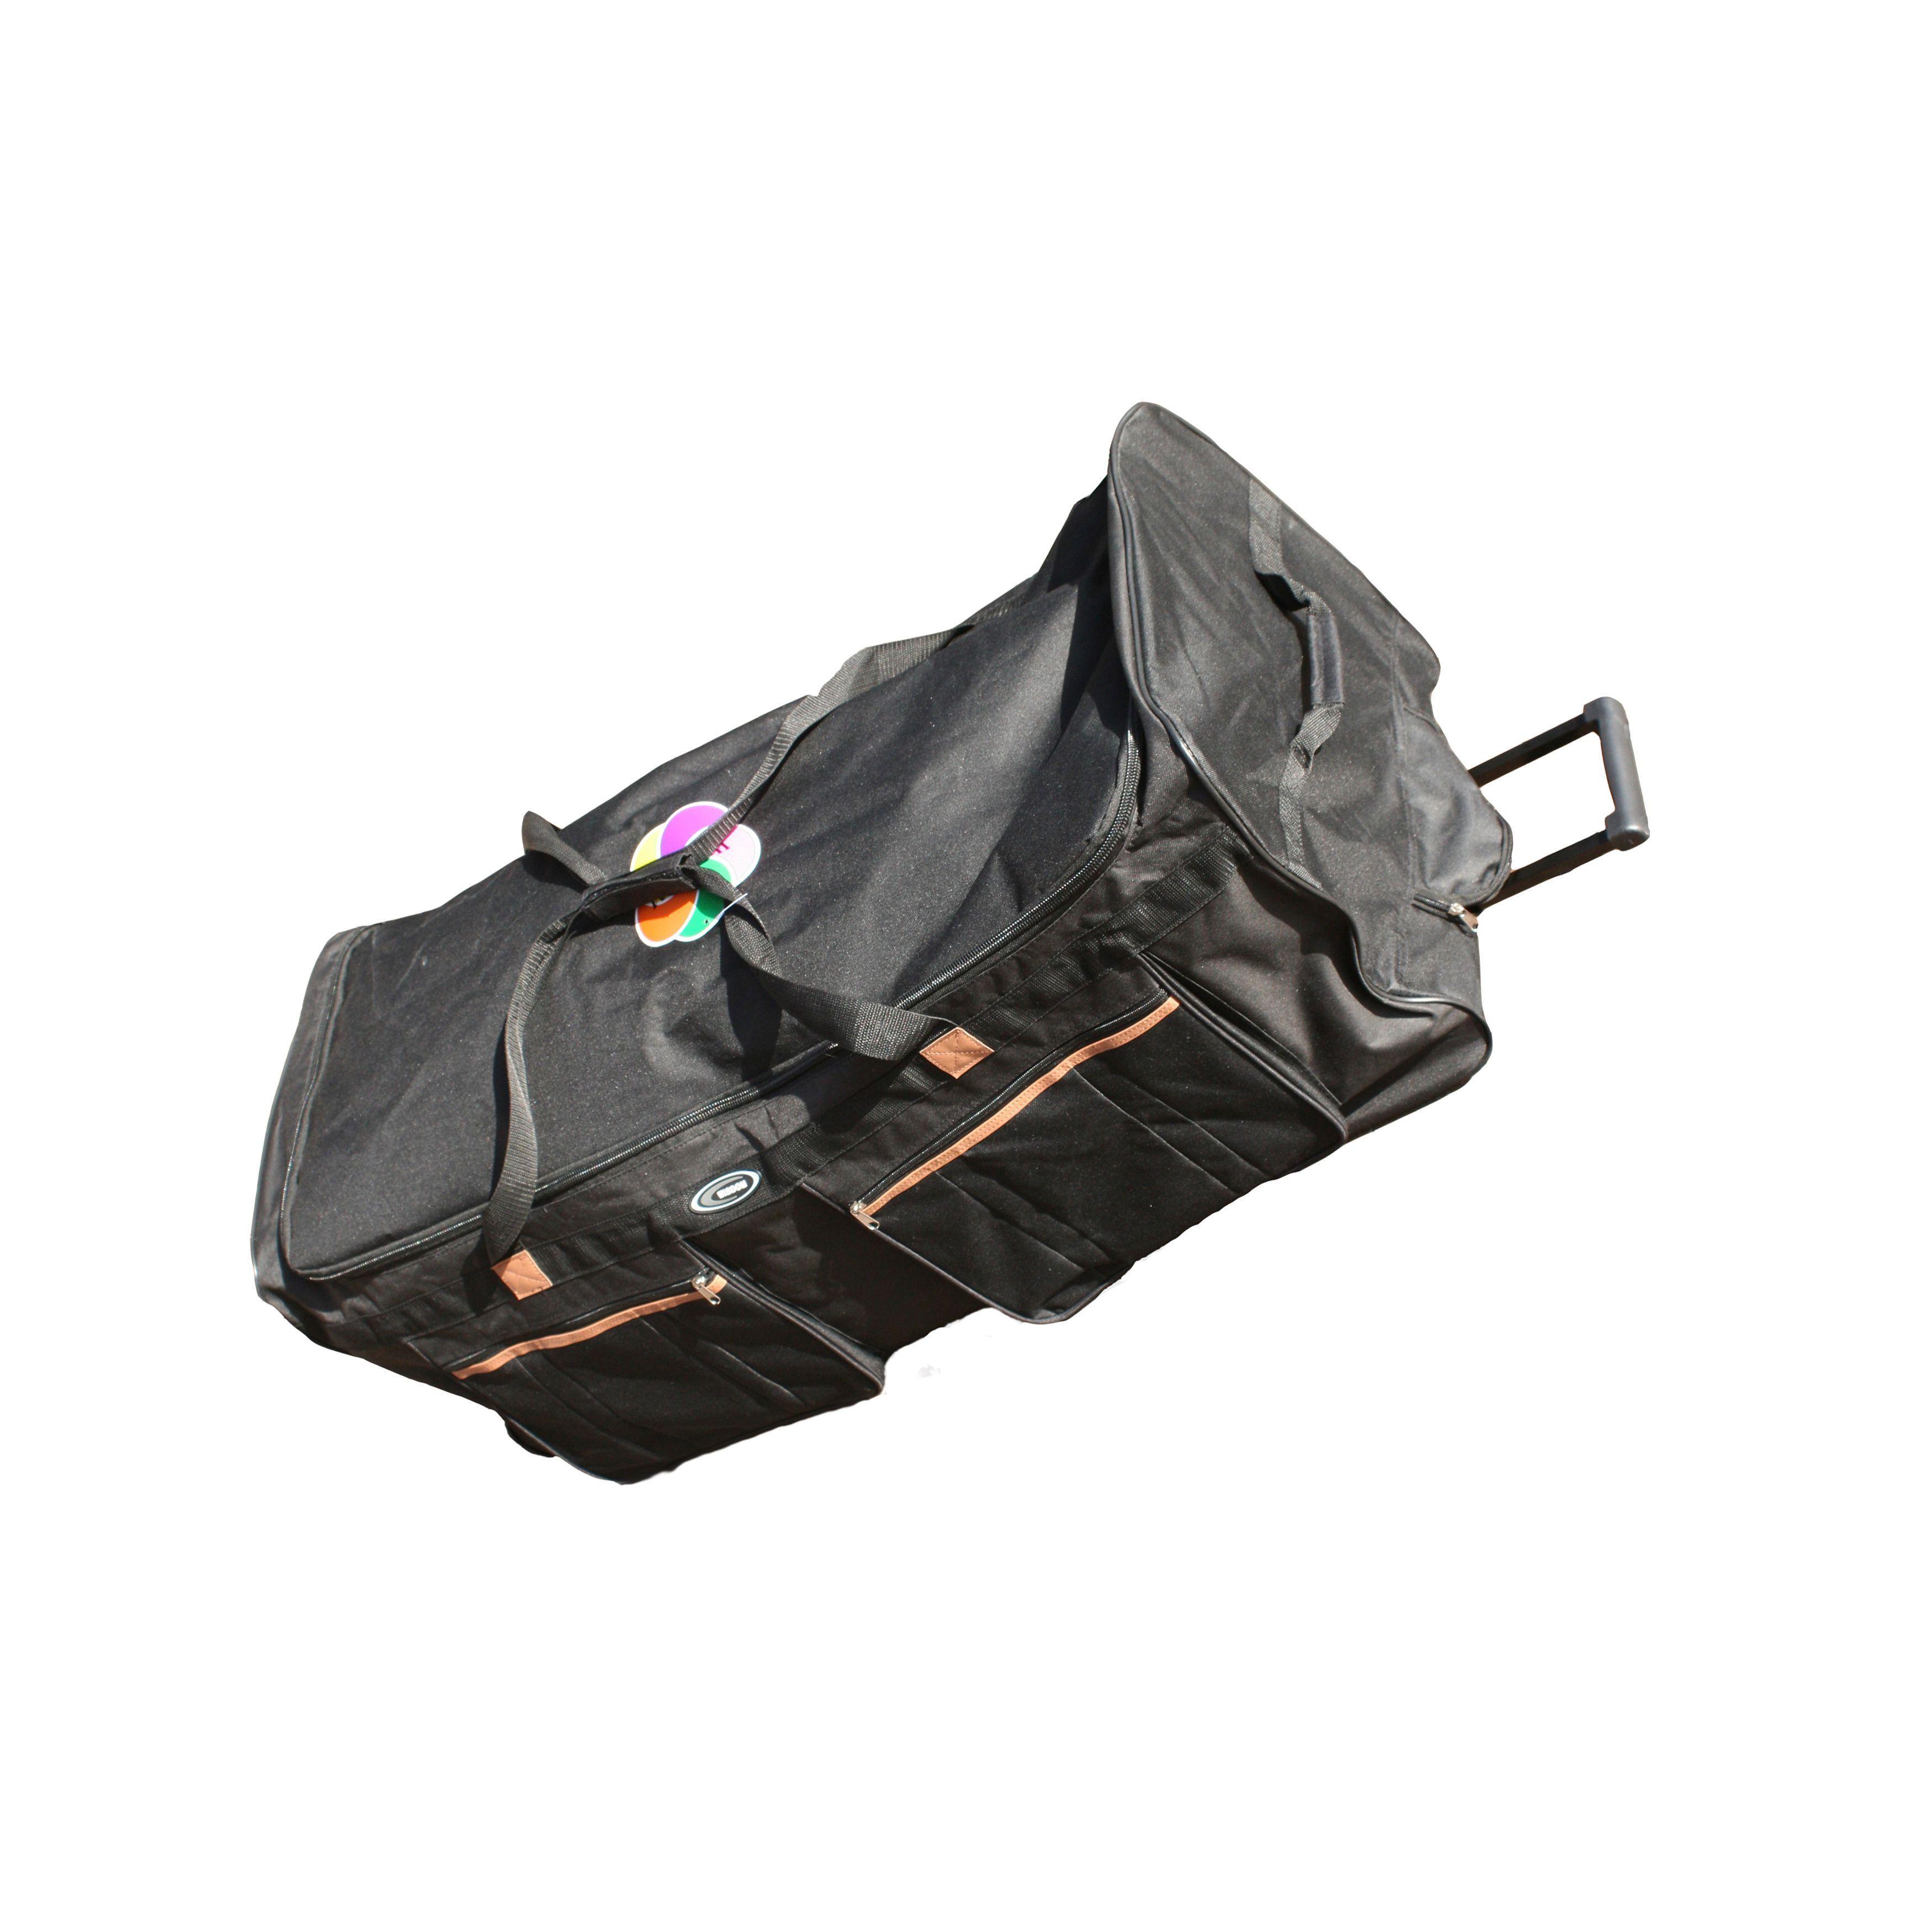 Transglobe Wisdom Rwb 40 Inch 1200 Denier Rolling Upright Duffel Bag